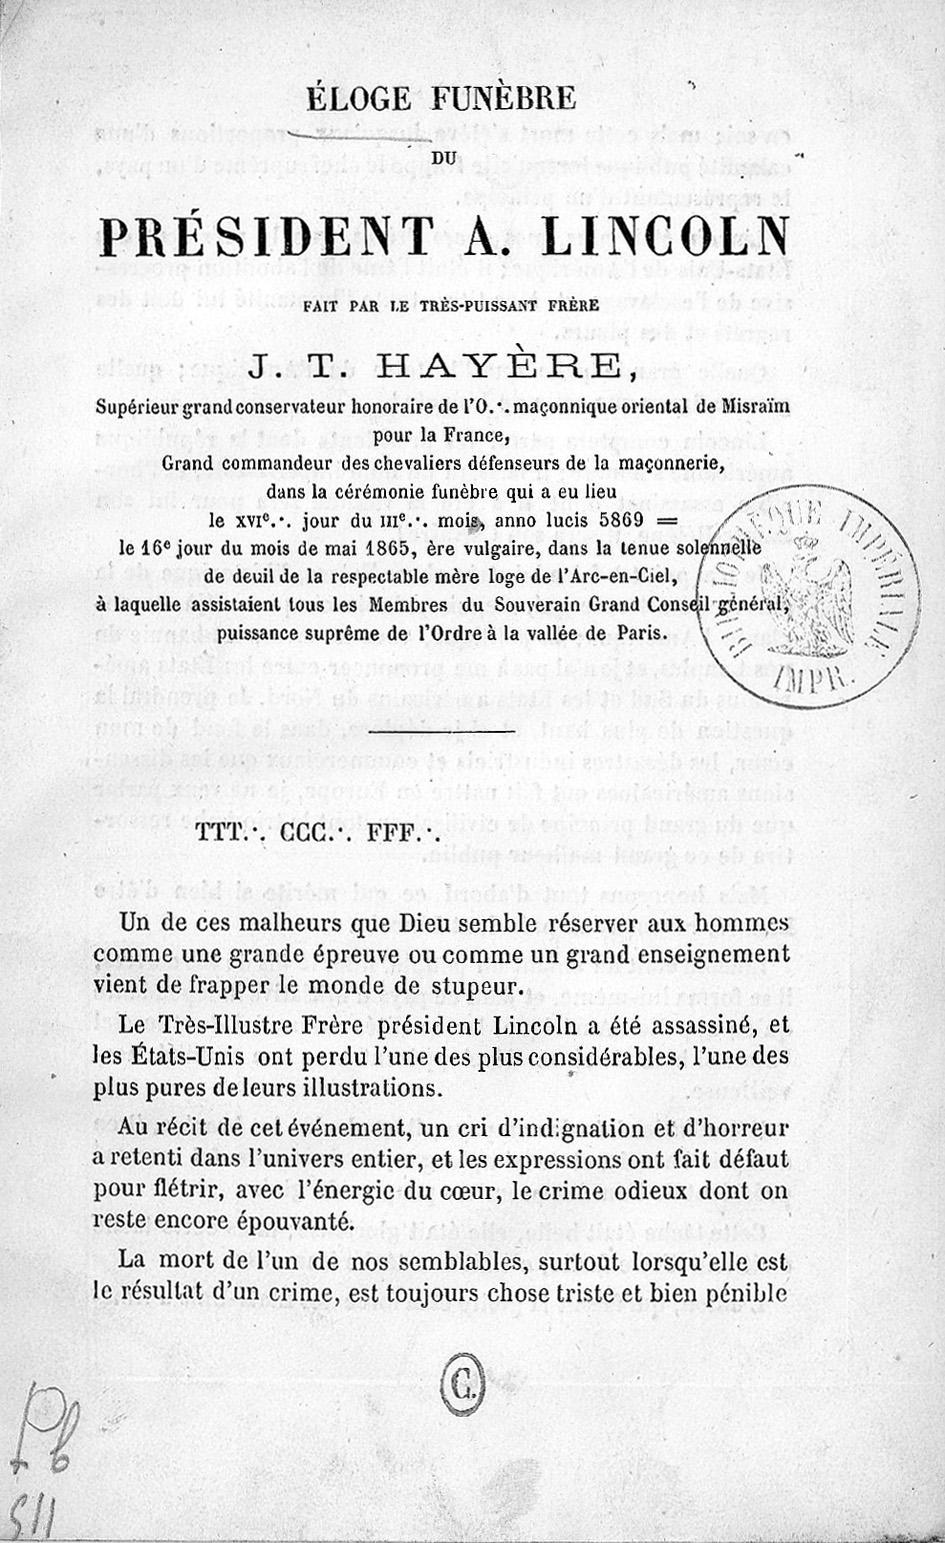 Hayère, J.-T. Discours funèbre prononcé à la mémoire du président Lincoln, 1865, title page. Bibliothèque nationale de France, Paris.